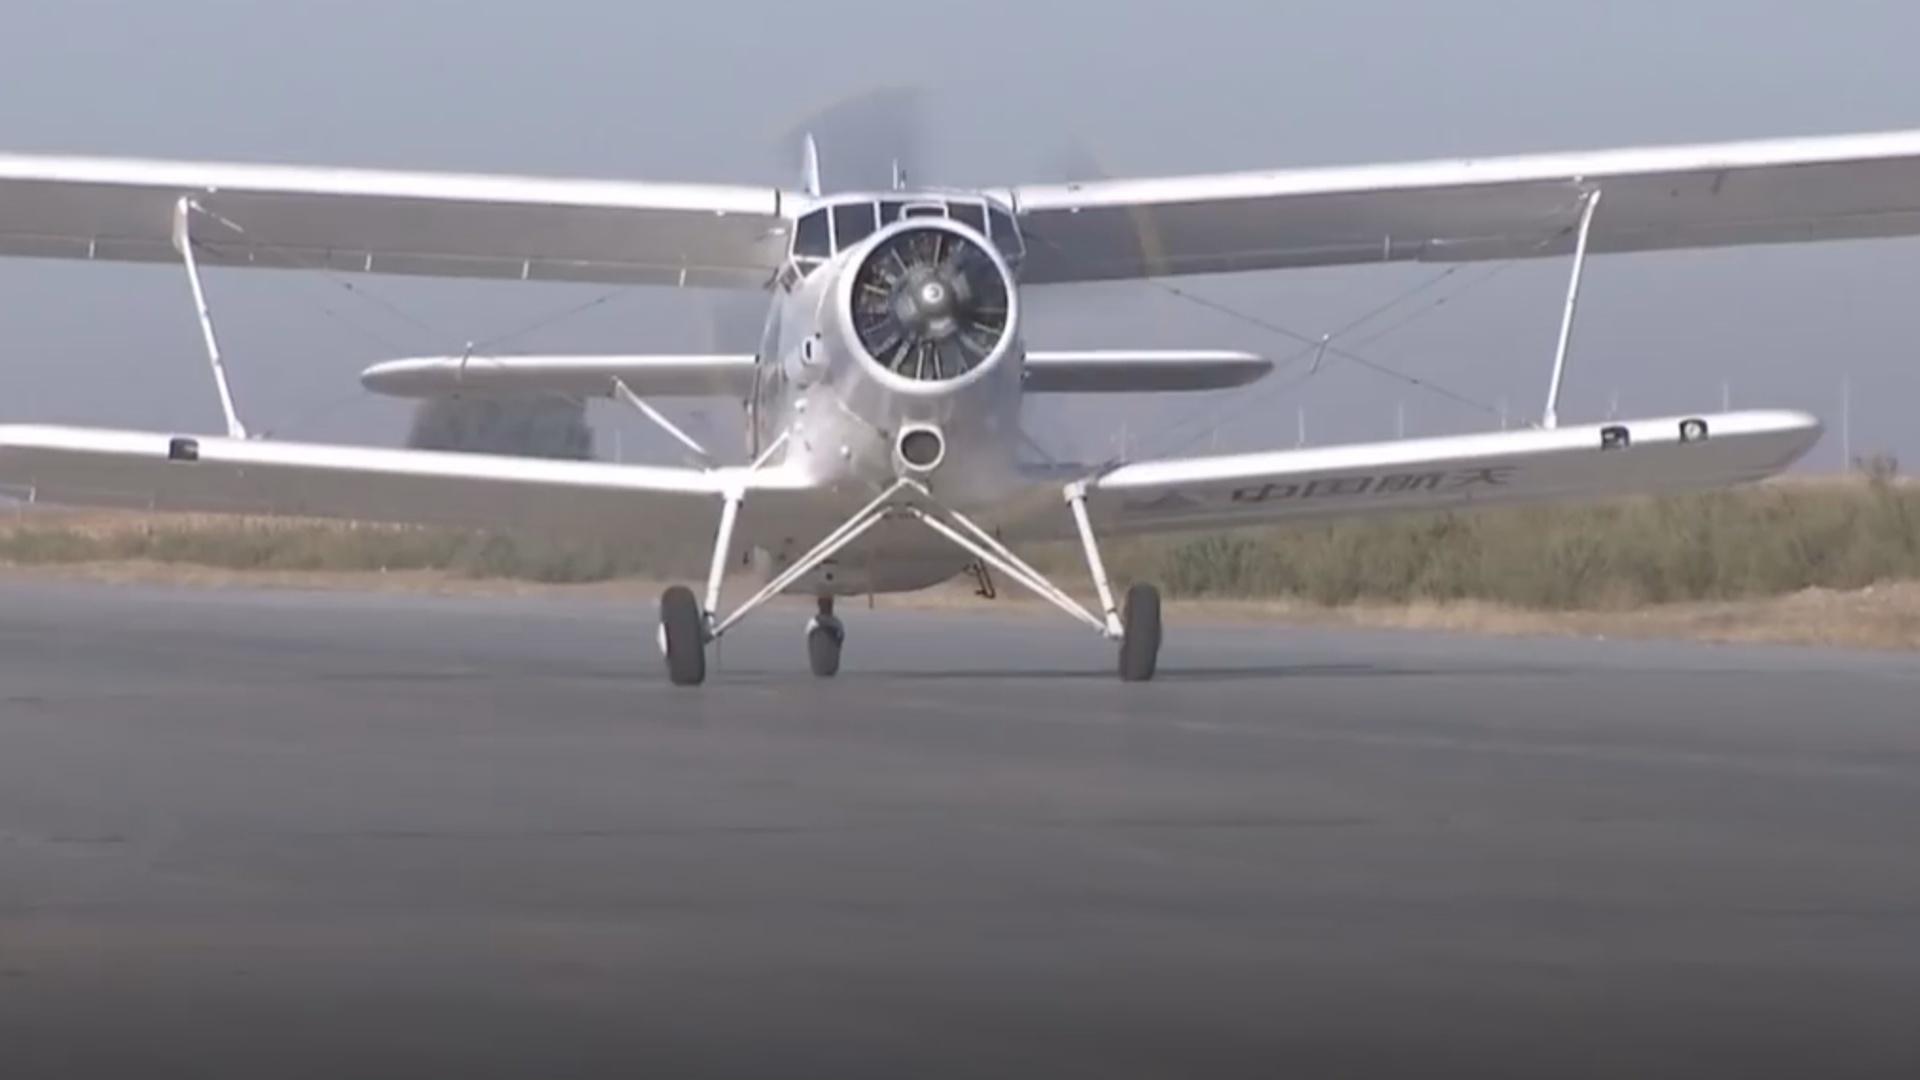 Ən böyük pilotsuz təyyarə1500 kq ağırlığında yükü daşıya bilir